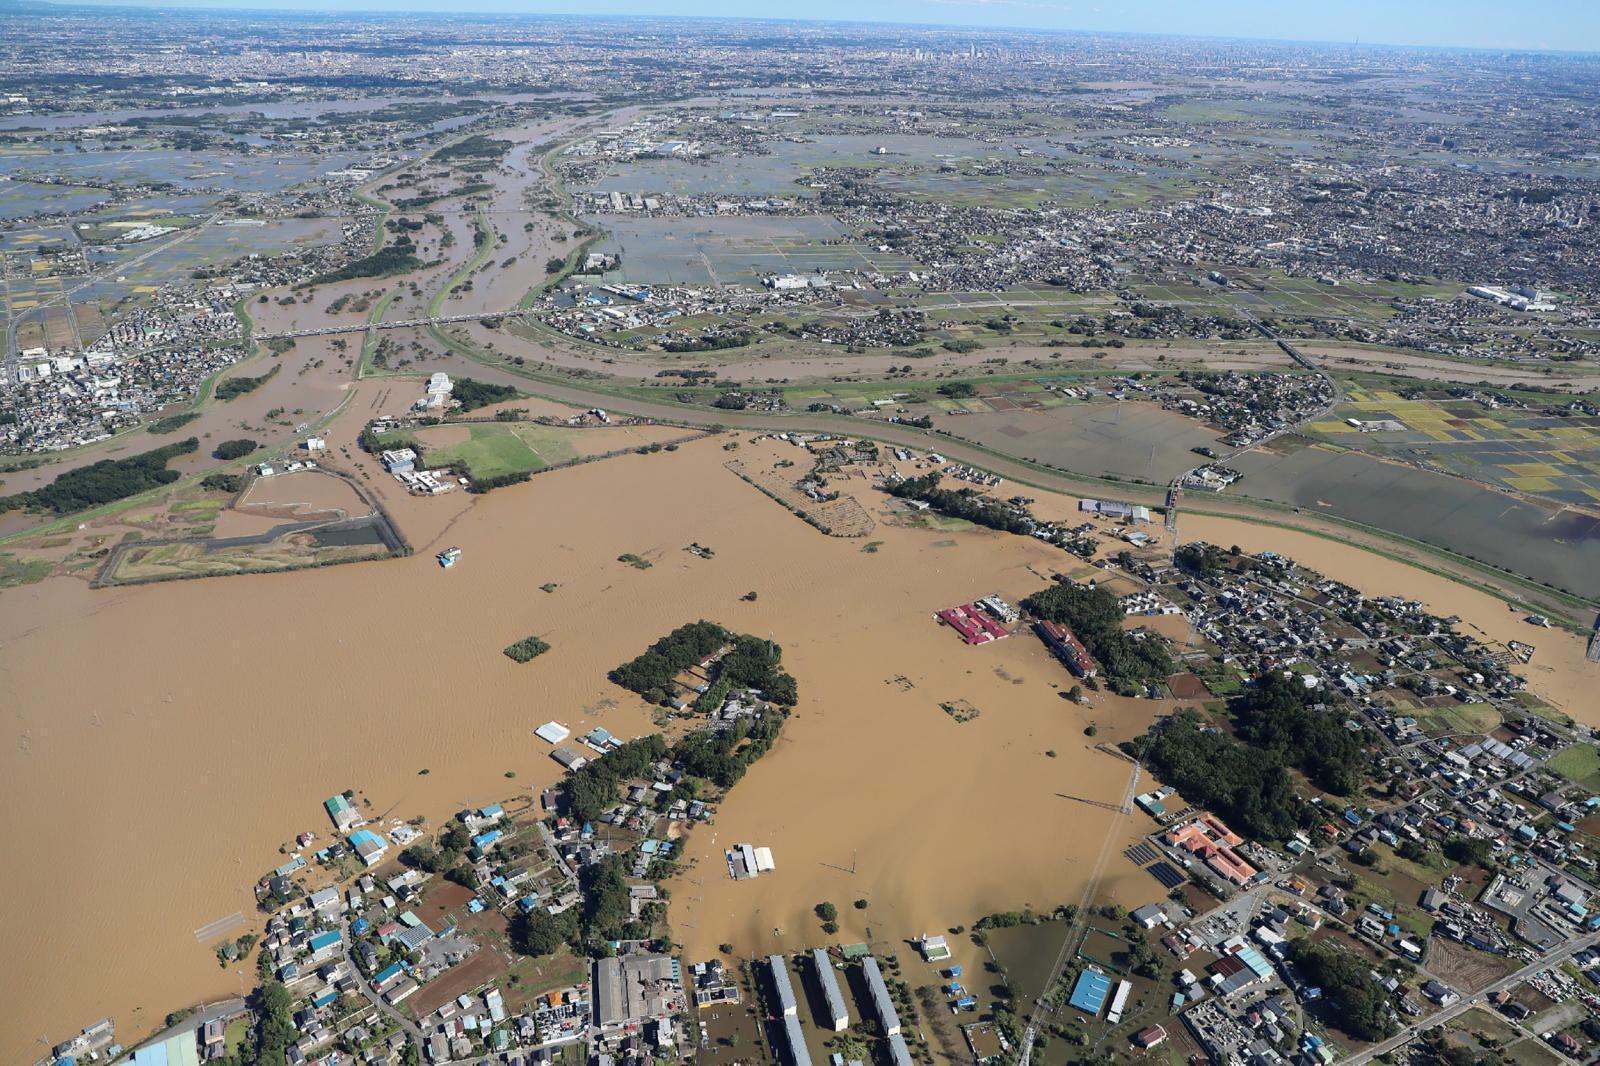 """รัฐบาลญี่ปุ่น จัดตั้งหน่วยงานเฉพาะกิจพิเศษ ใช้มาตรการทุกอย่างช่วยผู้ประสบภัย ไต้ฝุ่น """"ฮากิบิส"""